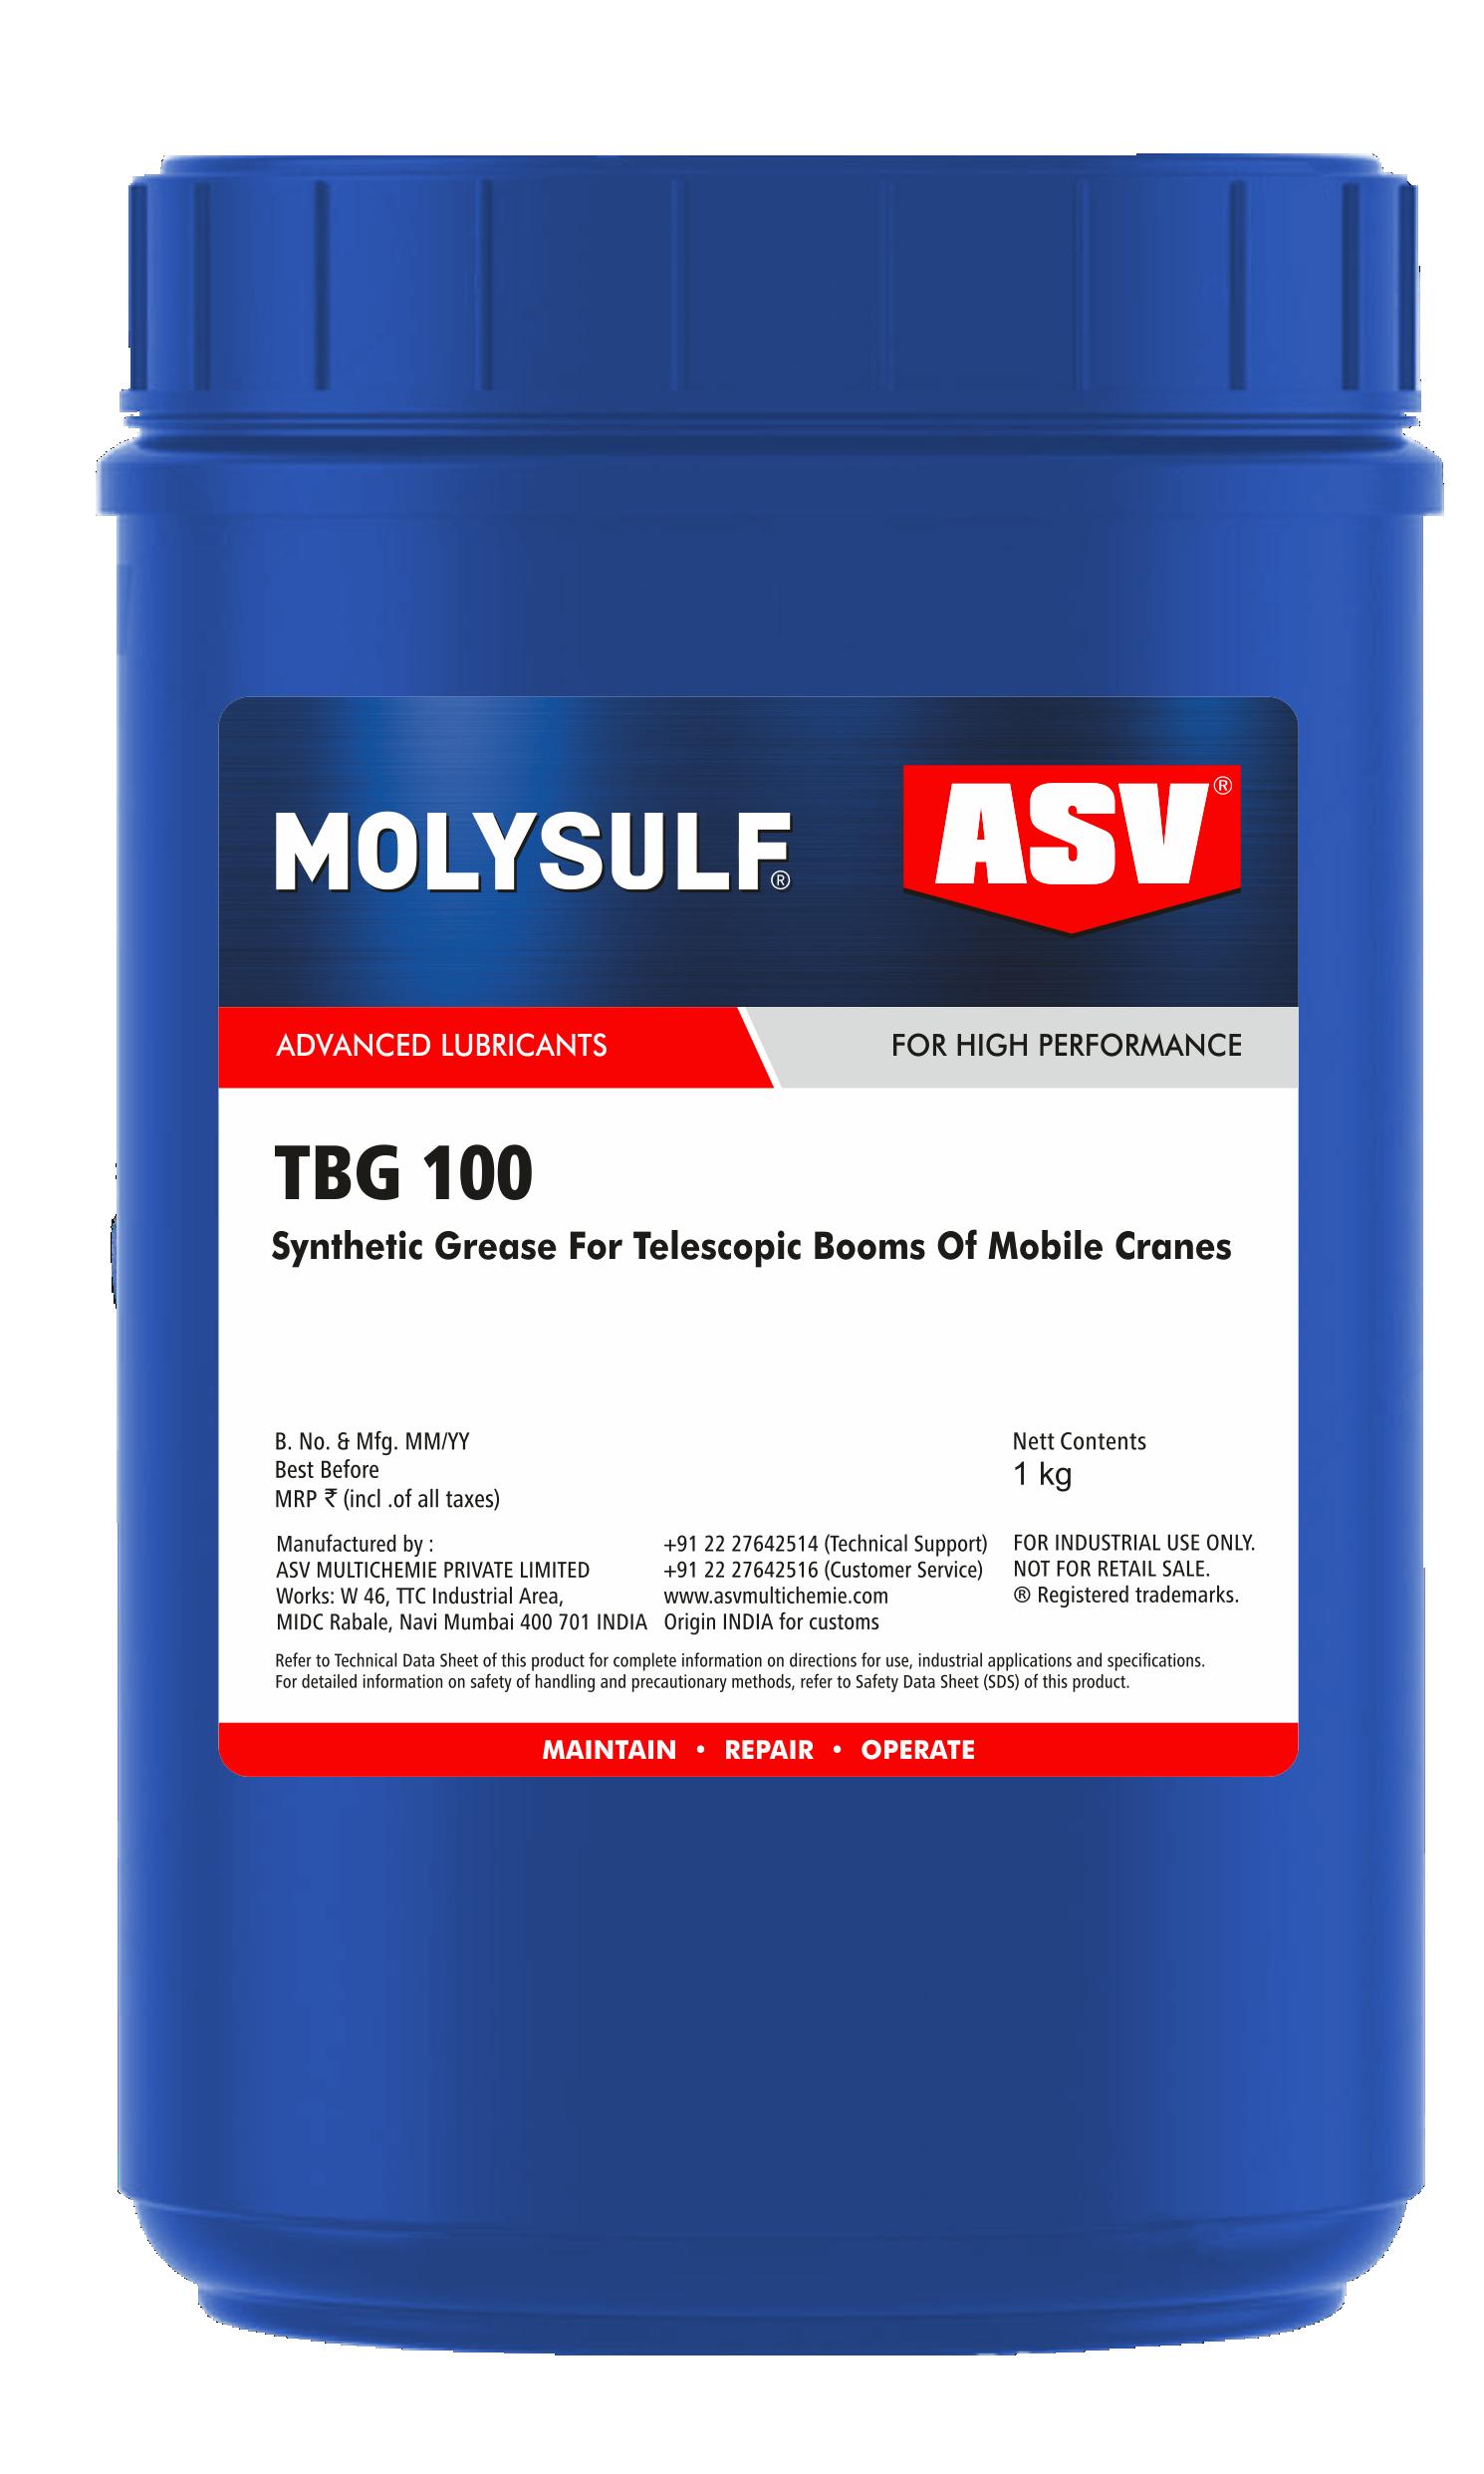 TBG 100